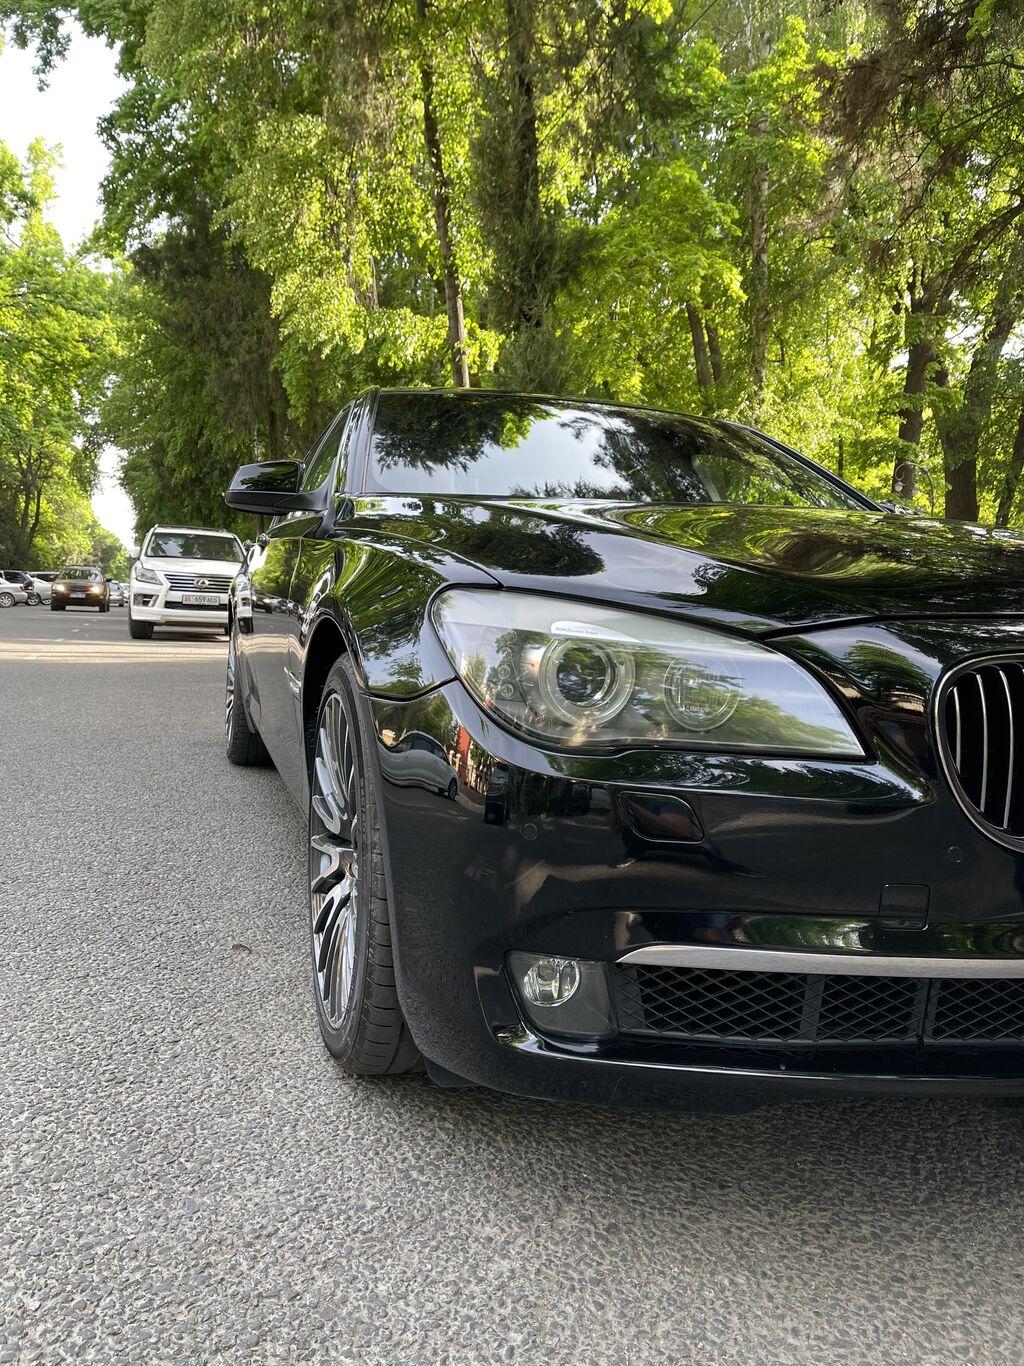 BMW 750 4.4 л. 2009 | 180000 км: BMW 750 4.4 л. 2009 | 180000 км